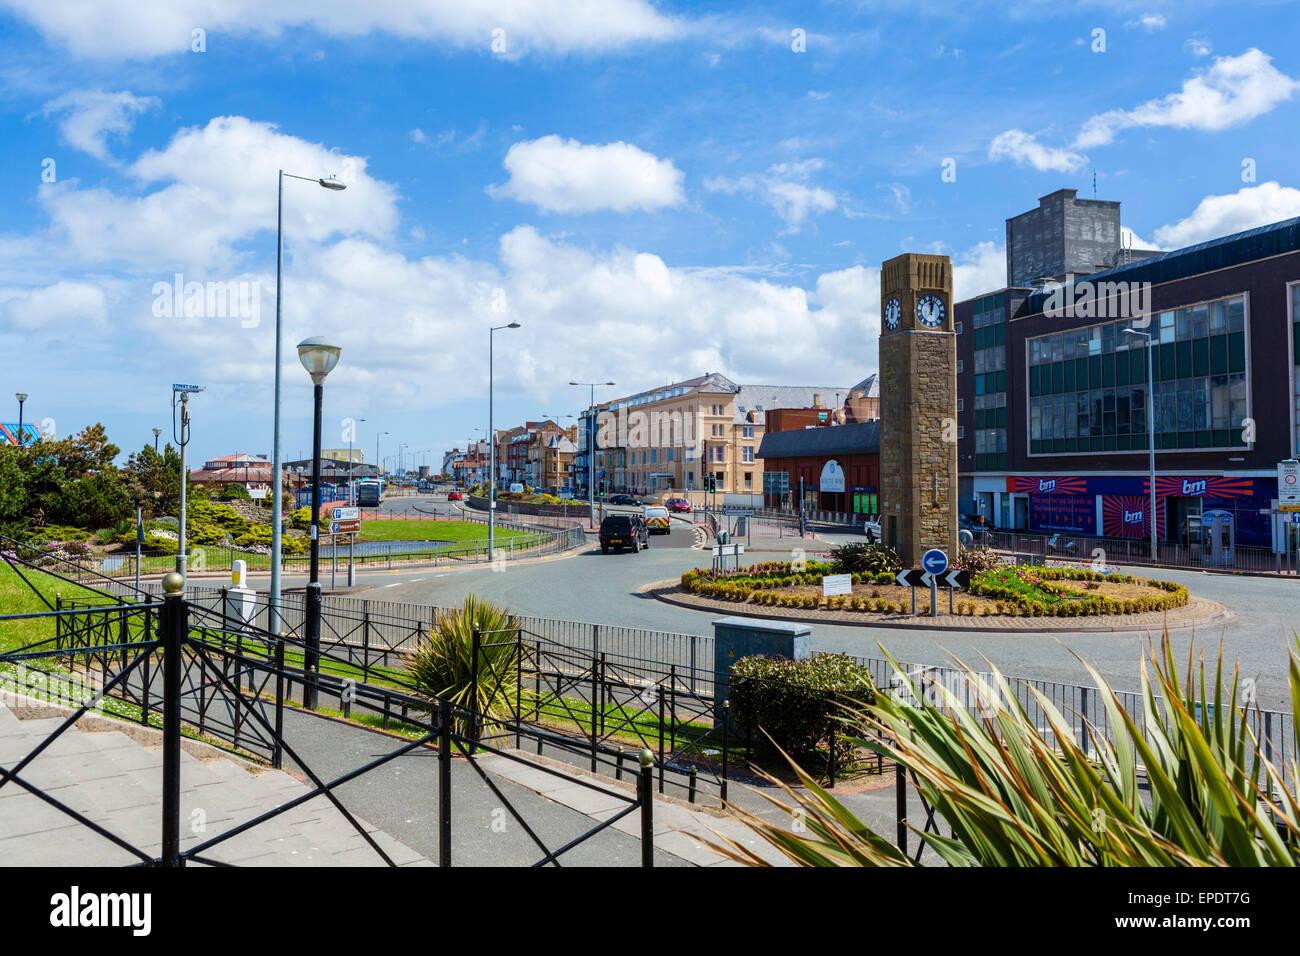 Ver abajo este desfile en el centro de la ciudad, Rhyl, Denbighshire, Wales, REINO UNIDO Imagen De Stock